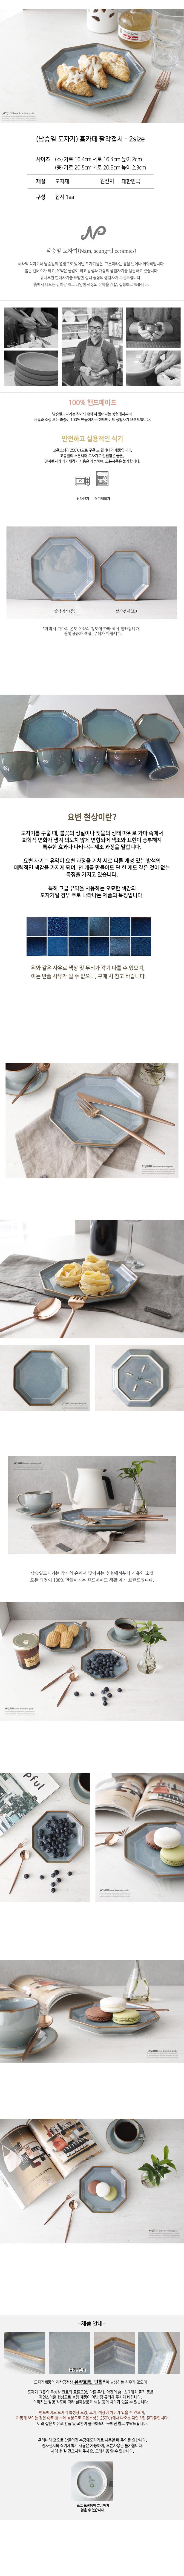 (남승일 도자기) 홈카페 팔각접시 - 소 - 체리하우스, 9,600원, 접시/찬기, 접시